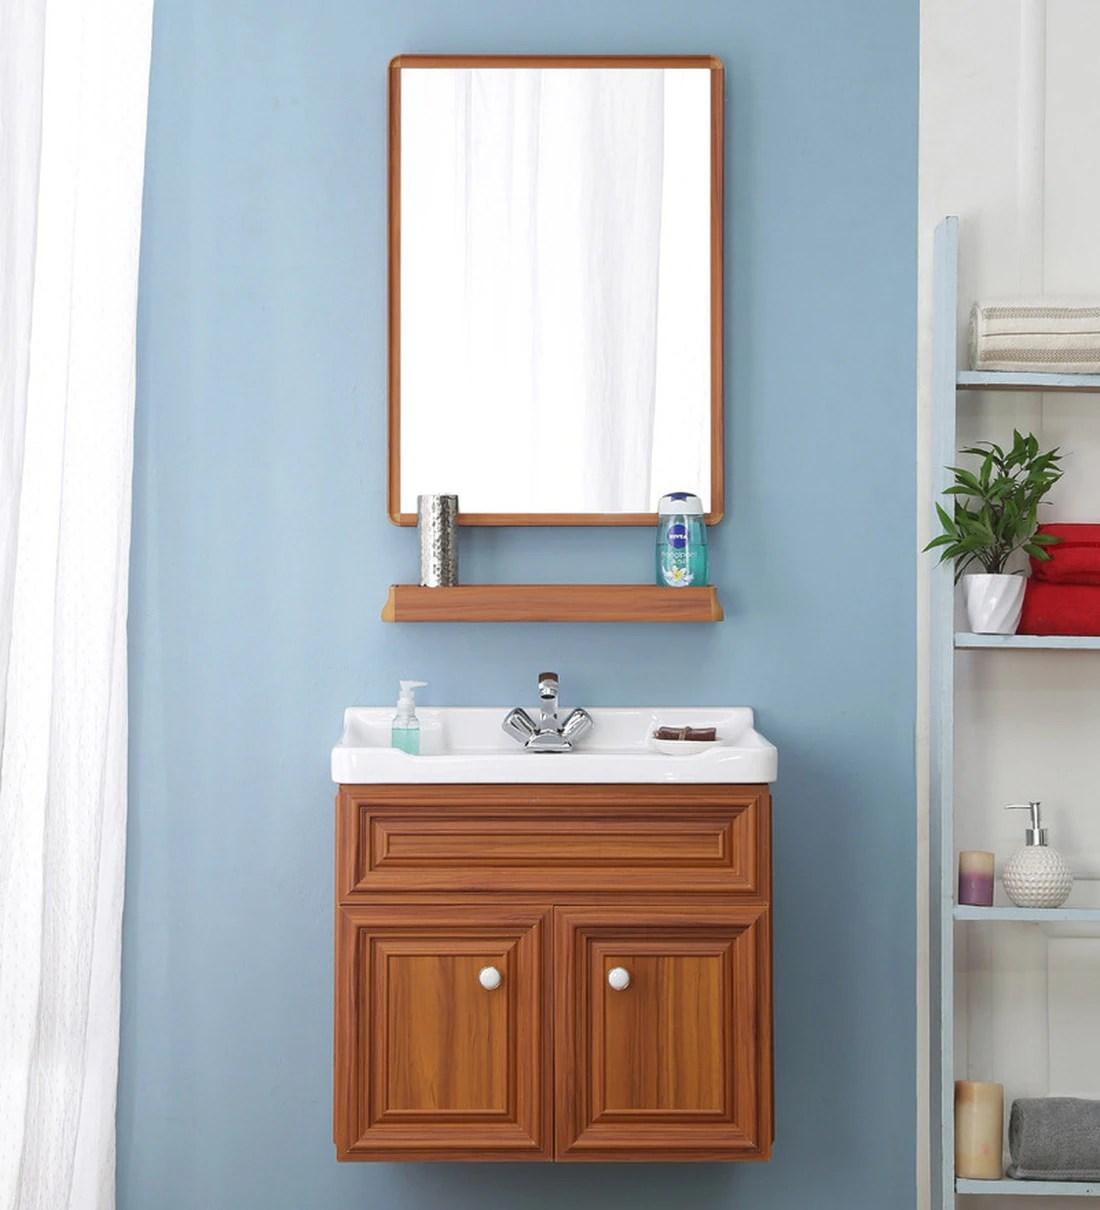 Buy Aluminium Wall Mounted Bathroom Vanity In Teak Yellow By Jj Sanitaryware Online Vanities Bath Discontinued Pepperfry Product